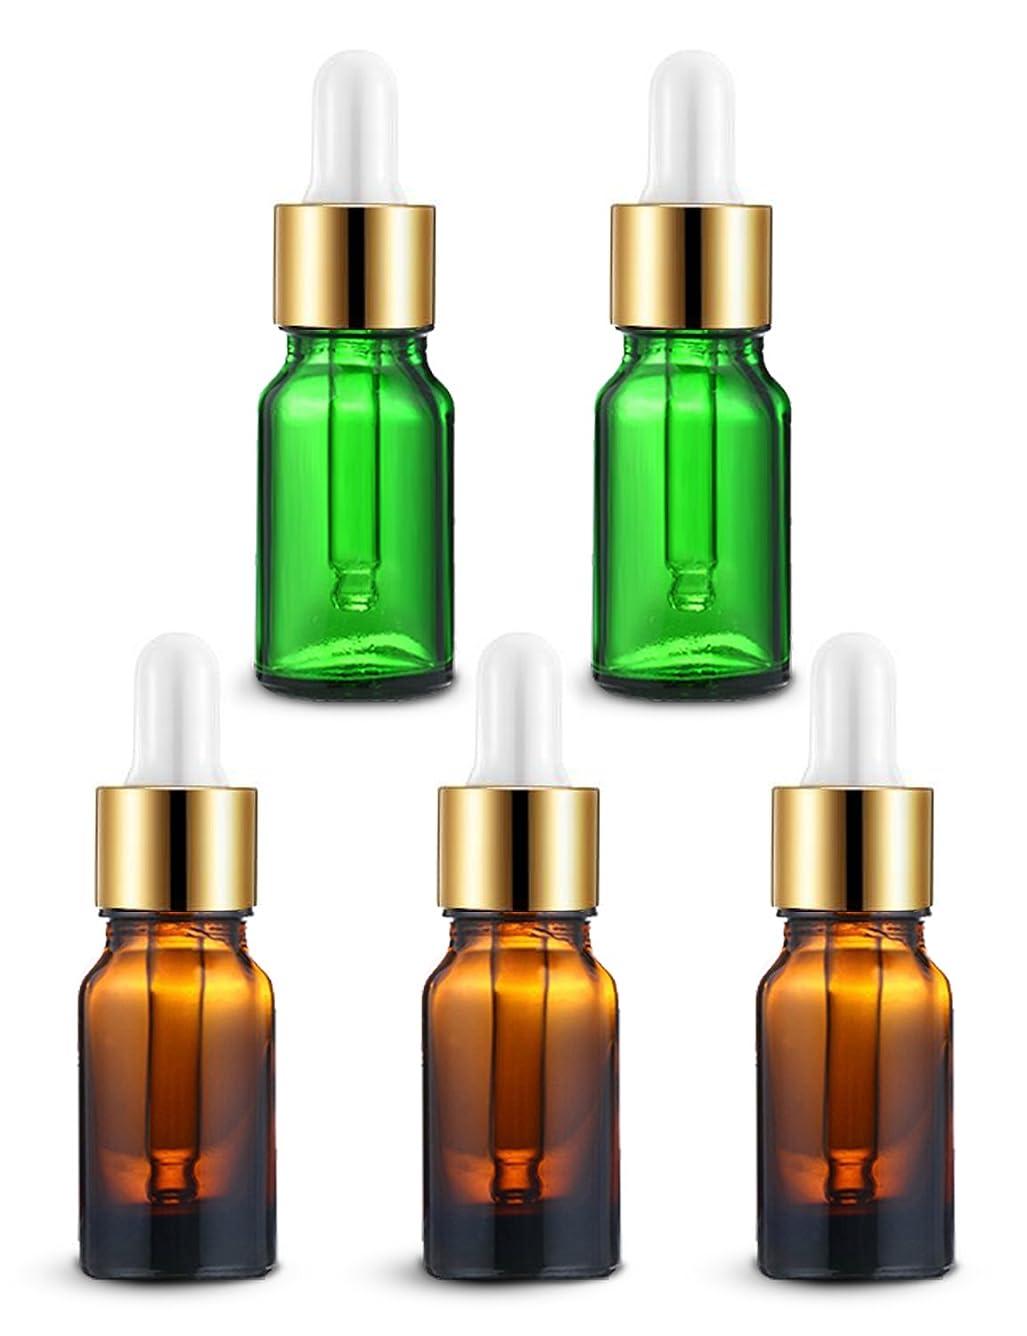 不一致更新症候群ENERG アロマディフューザー(全機種適応) ネブライザー式 スポイト付き精油瓶 緑2個?ブラウン3個 アロマ瓶 10ml 5個セット